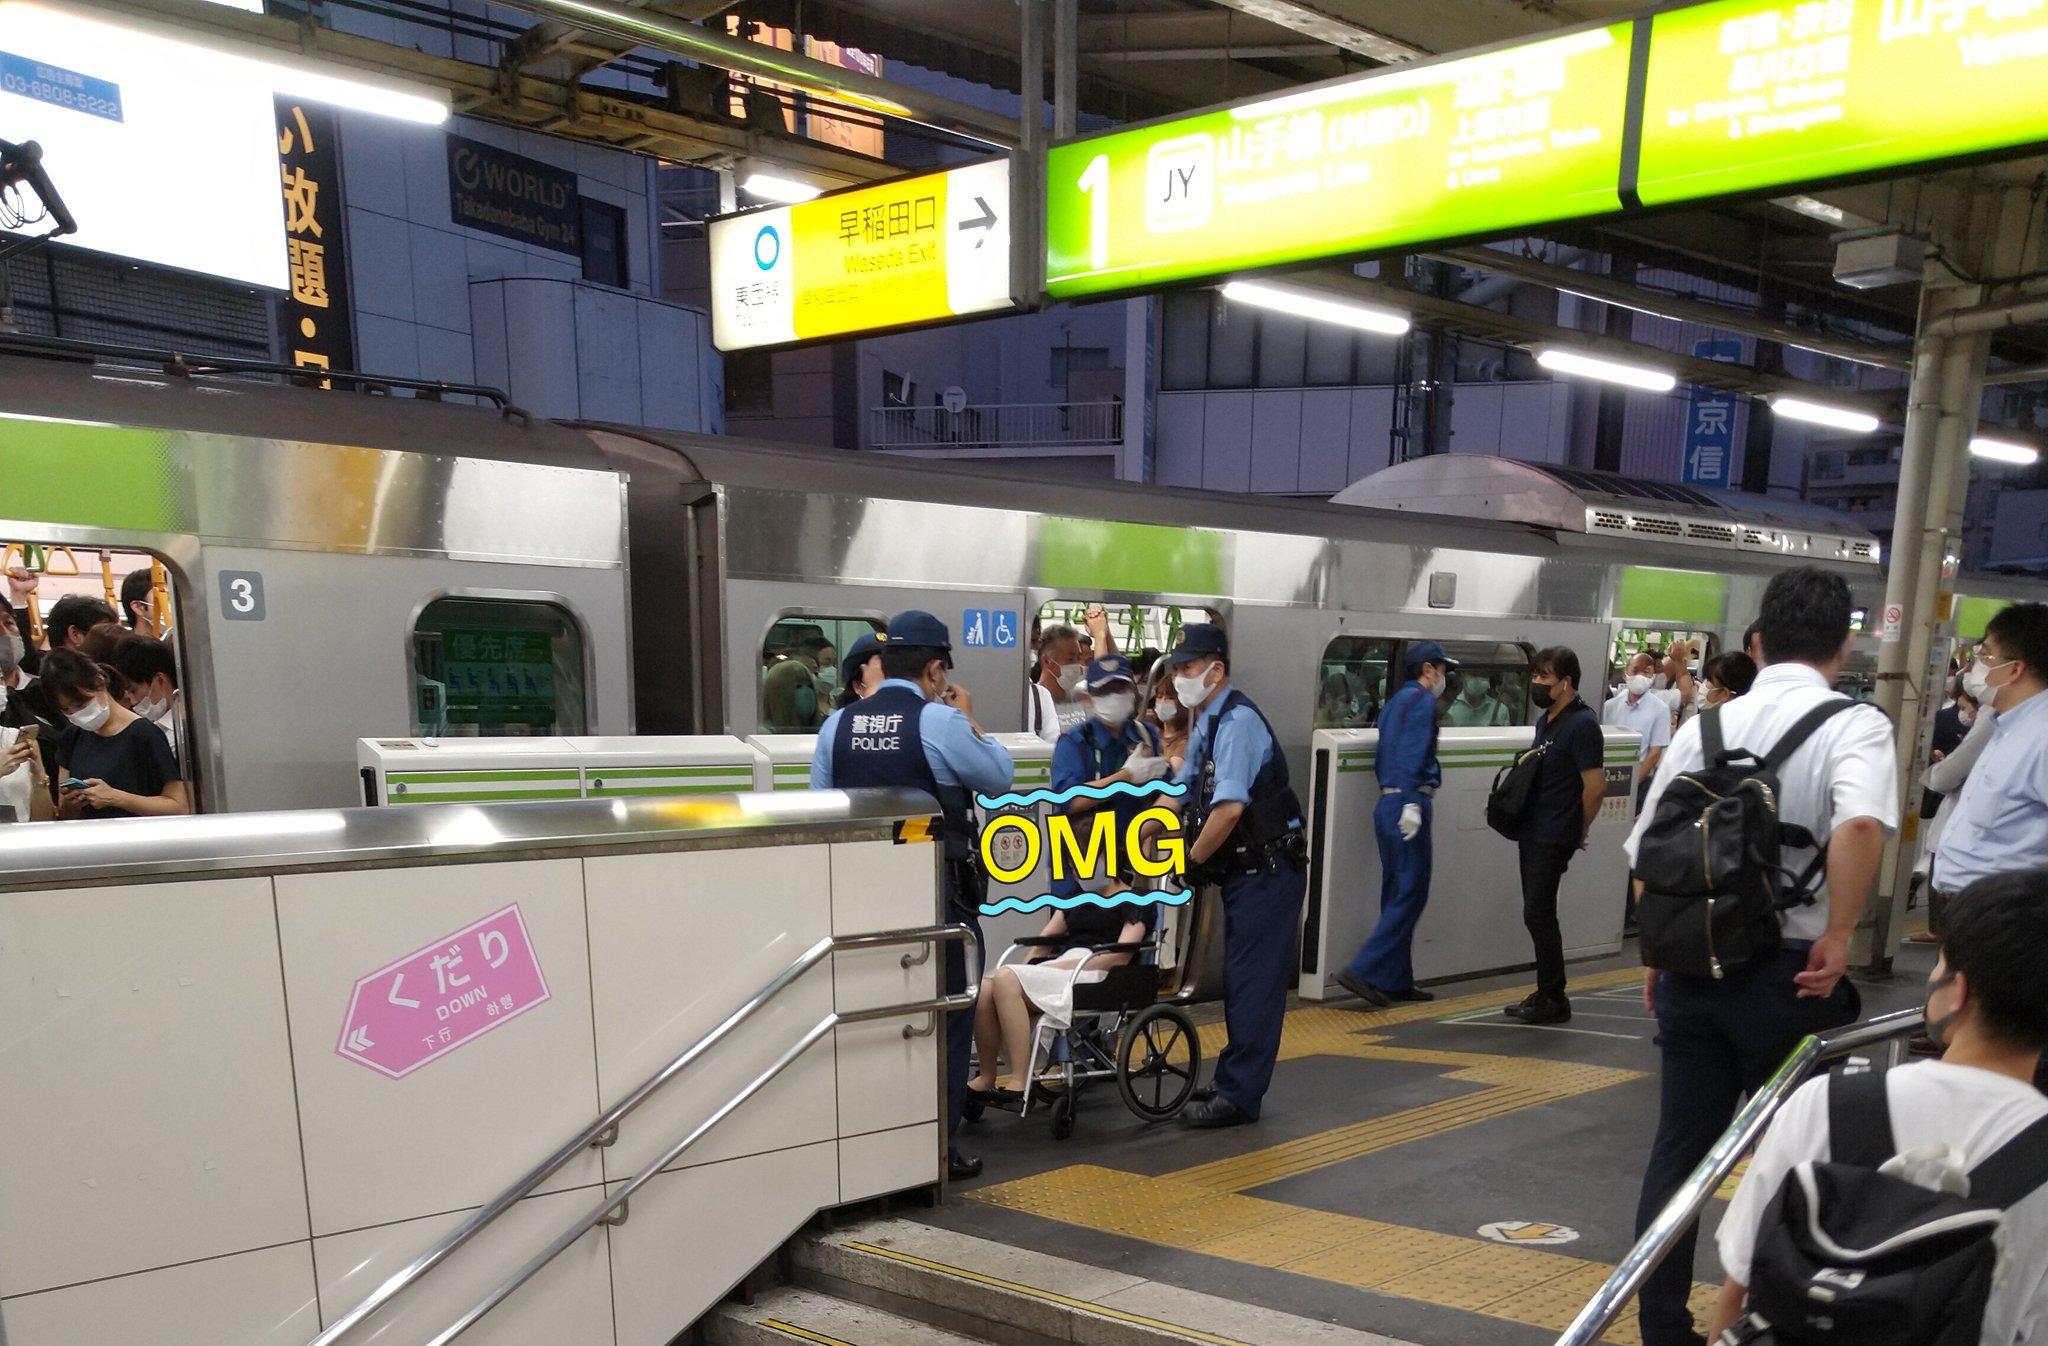 山手線の高田馬場駅で女性が発狂する口論のトラブルが発生した画像